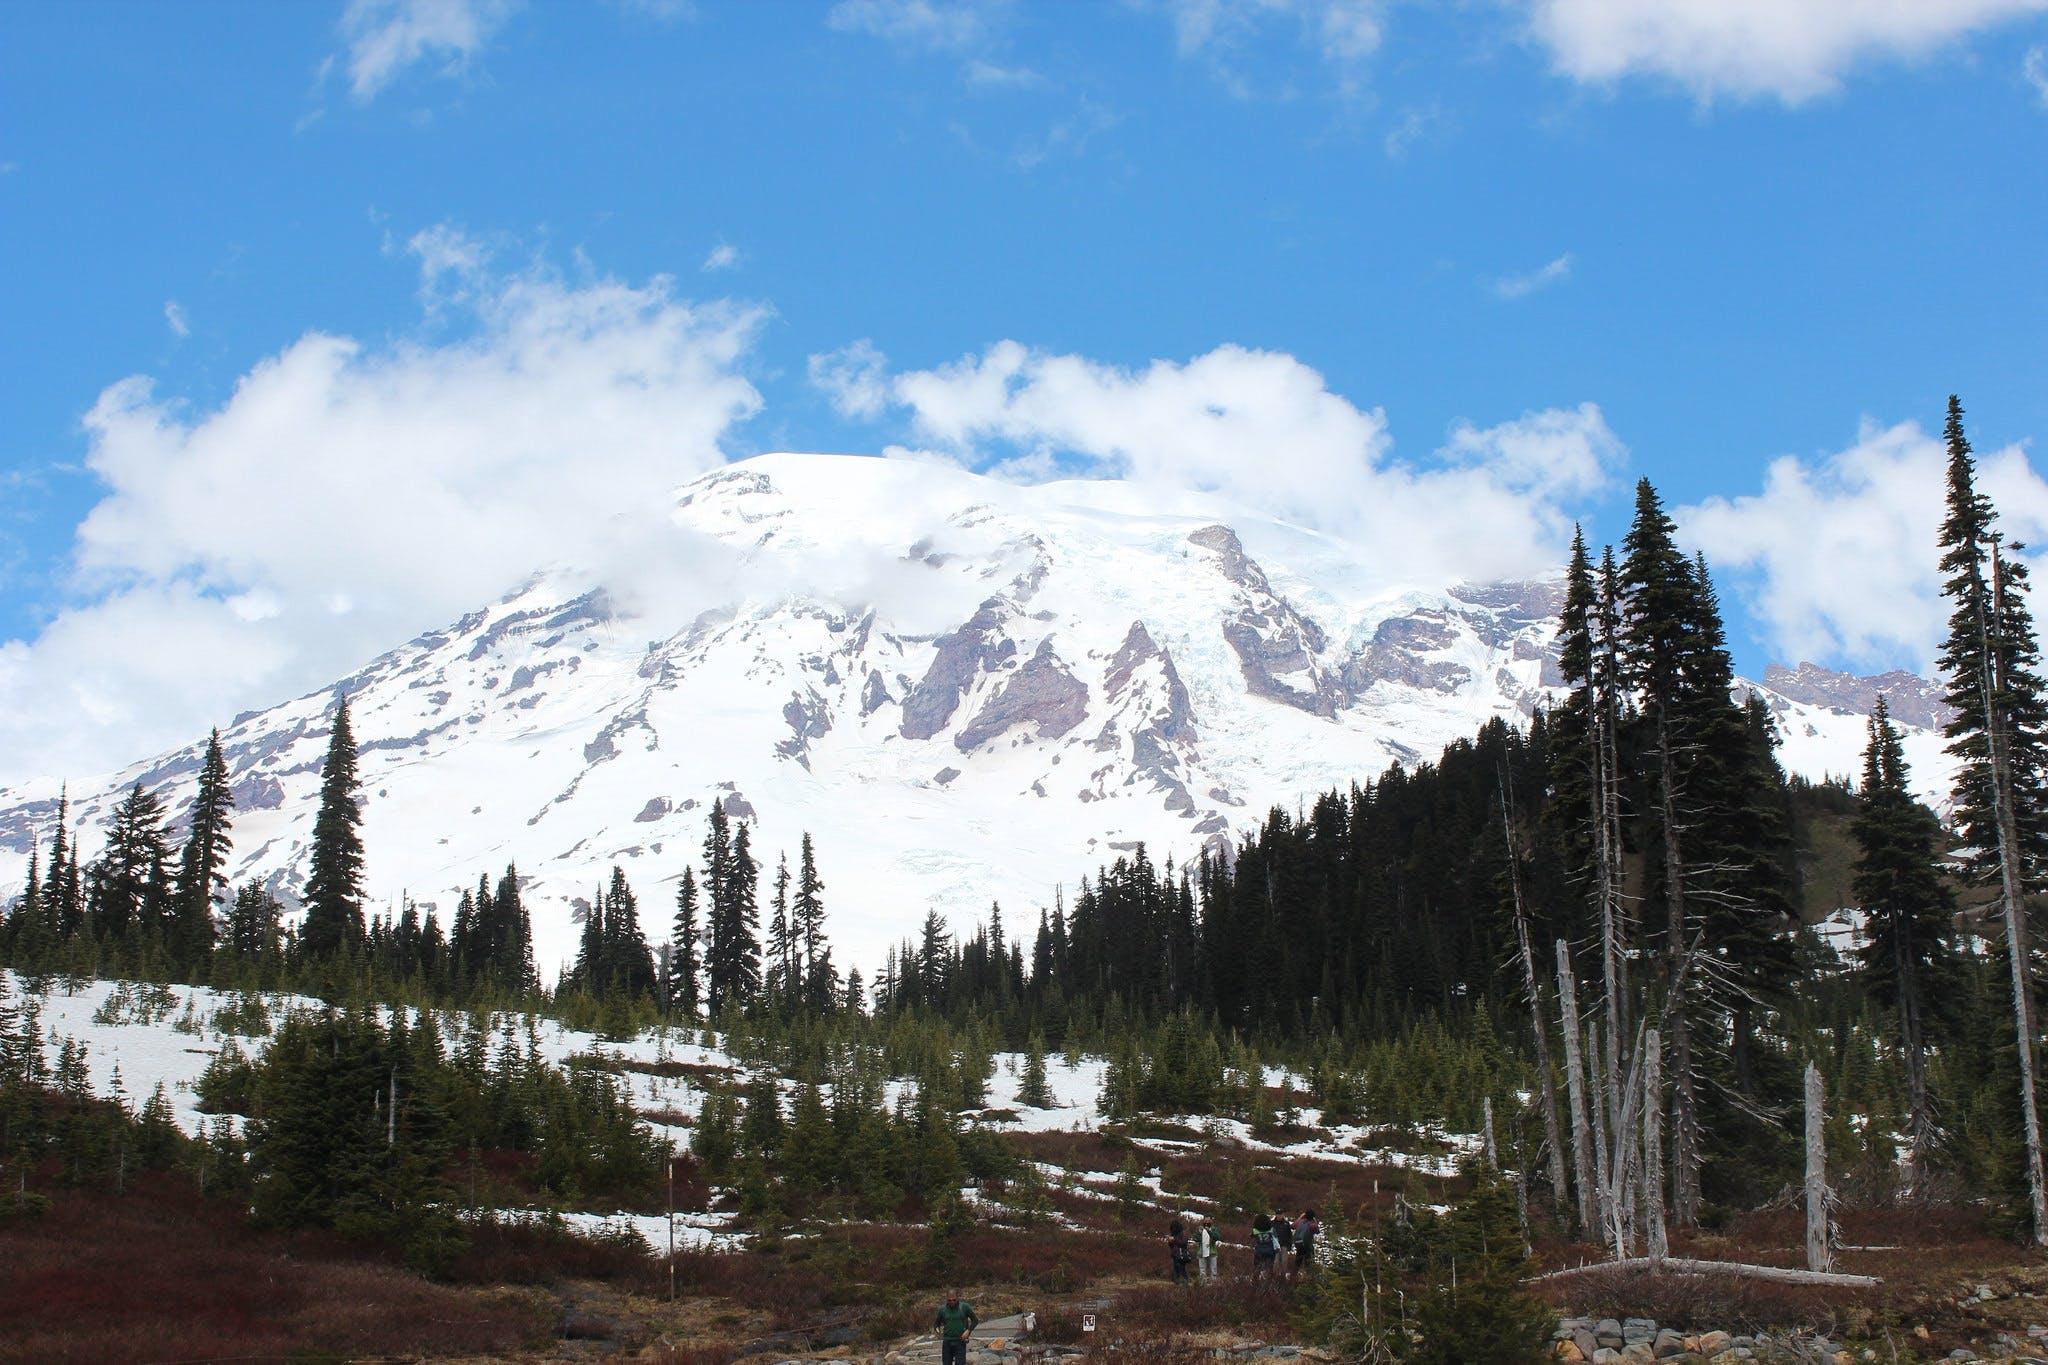 Ver la ciudad,Actividades,Visitas en autobús,Salidas a la naturaleza,Excursión a Monte Rainier